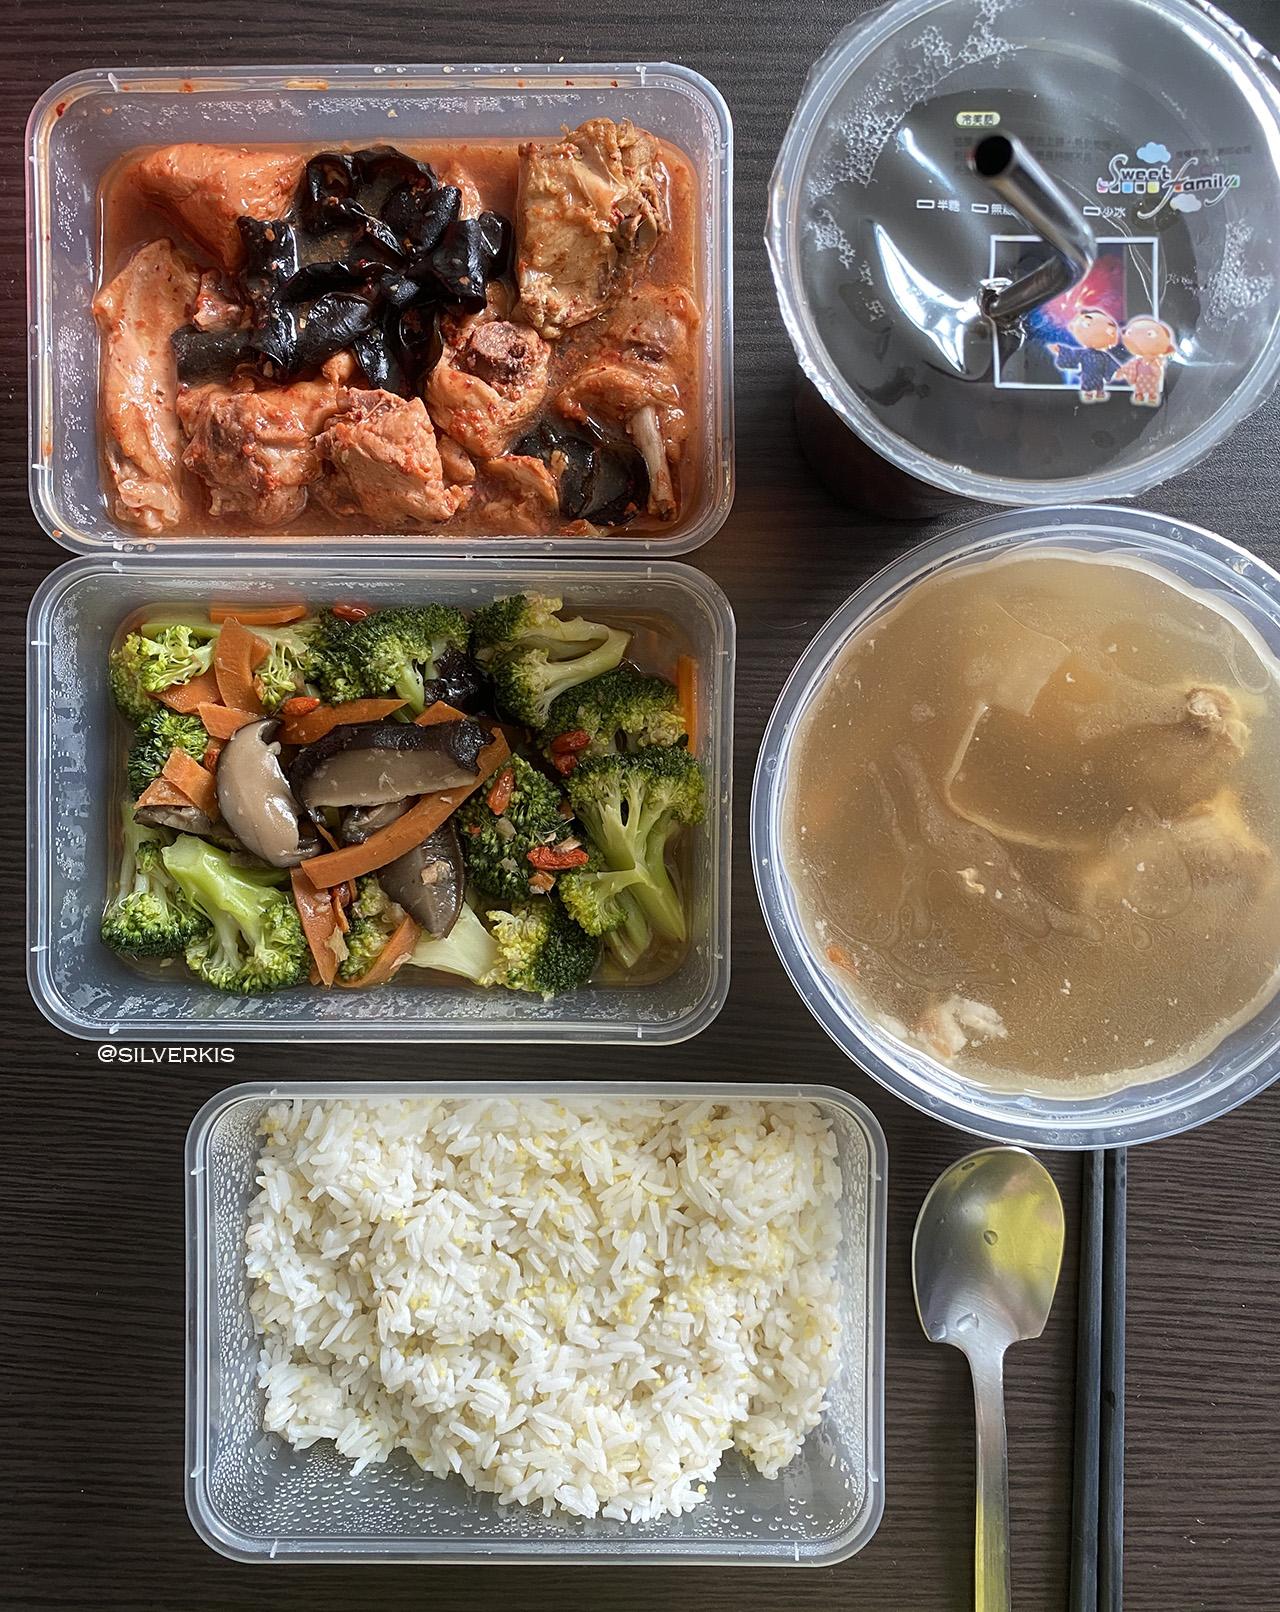 confinement food recipes Singapore, confinement food after delivery, confinement food singapore review